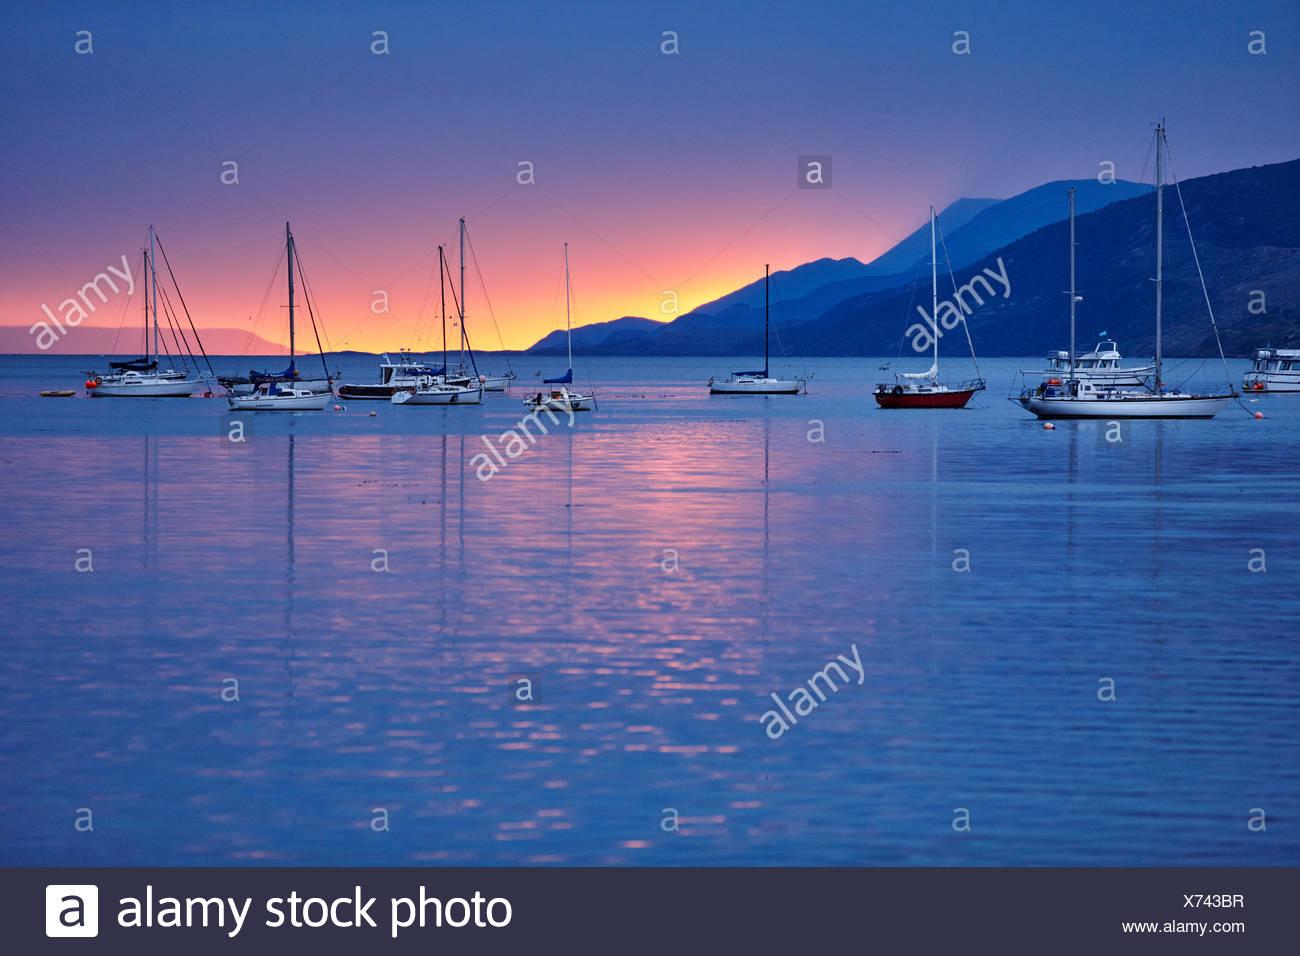 Segelboote im Hafen bei Sonnenuntergang, Ushuaia, Feuerland, Argentinien Stockbild